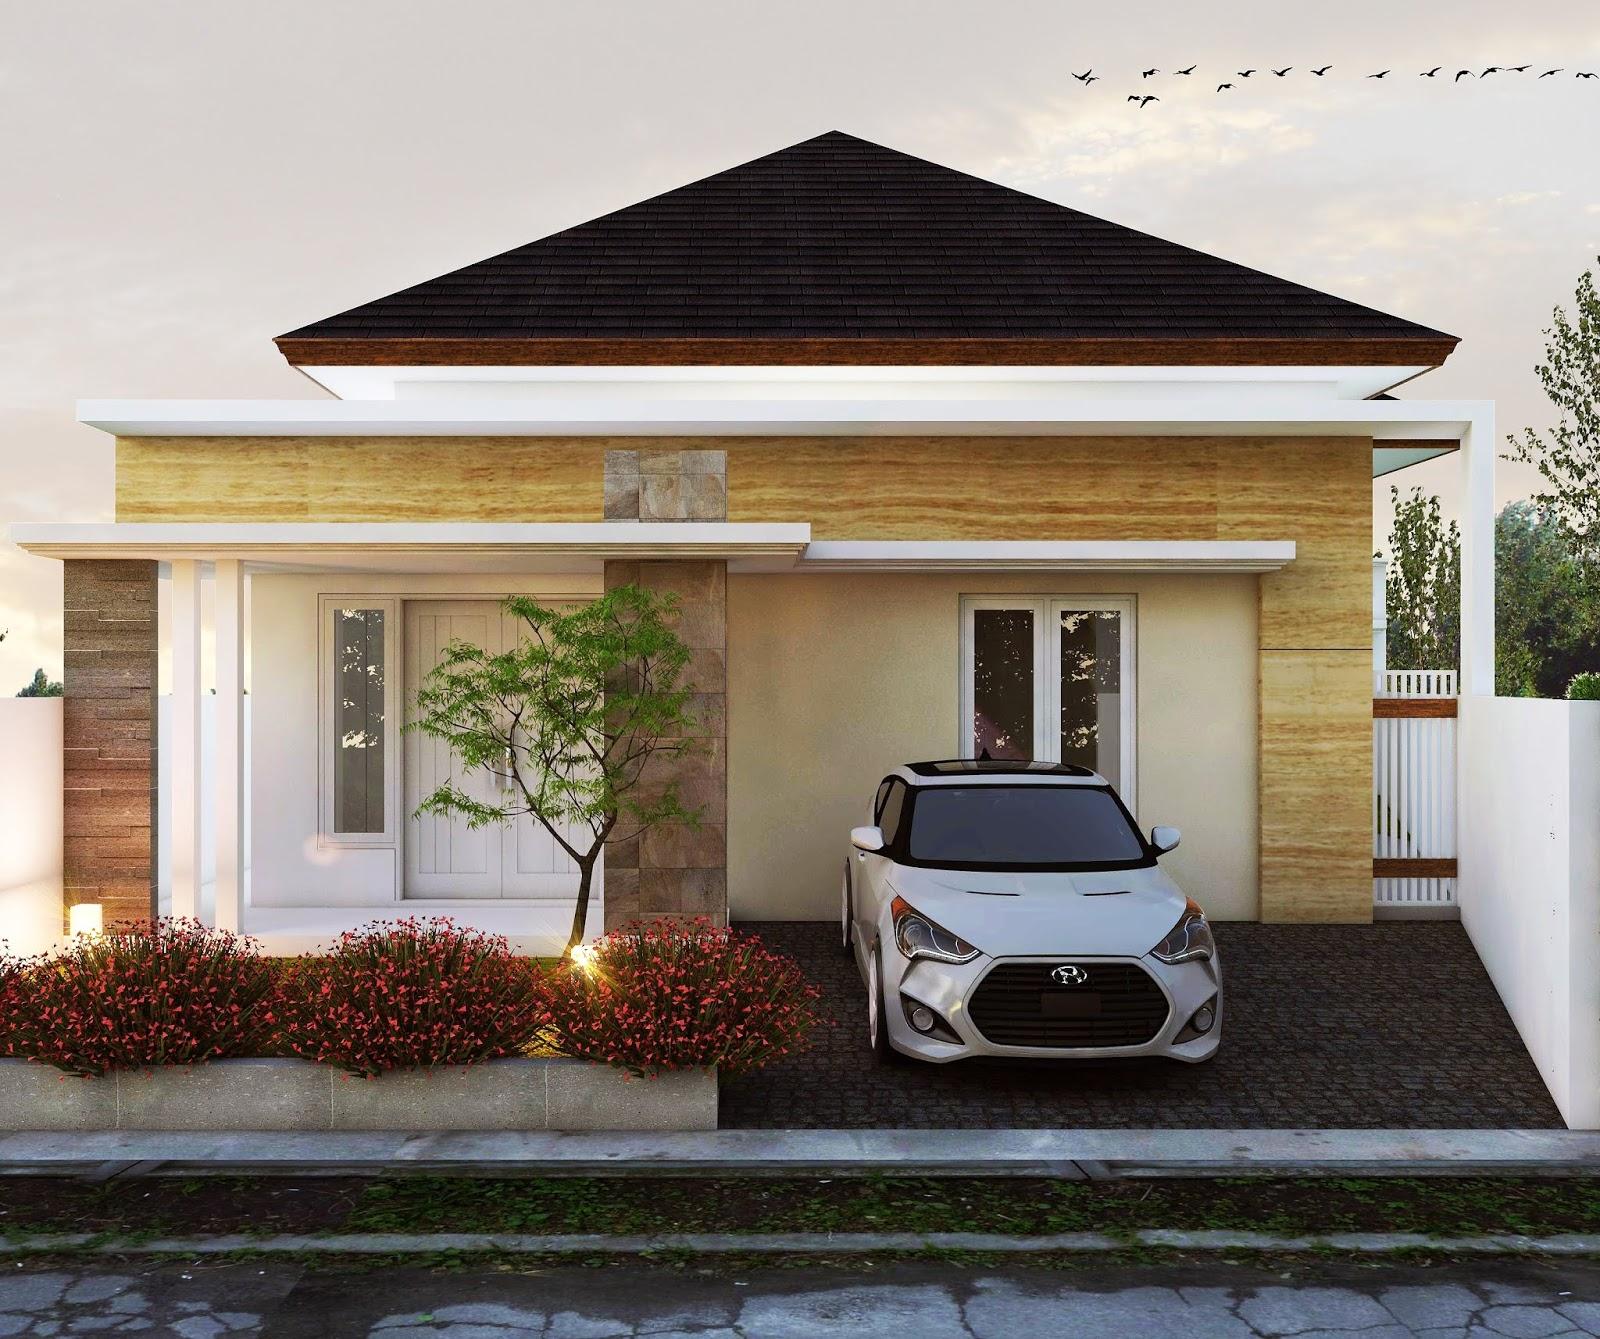 Desain Rumah 1 Lantai Lebar 7 M Type 150 Milik Bu Irmawati Makassar Jasa Desain Rumah